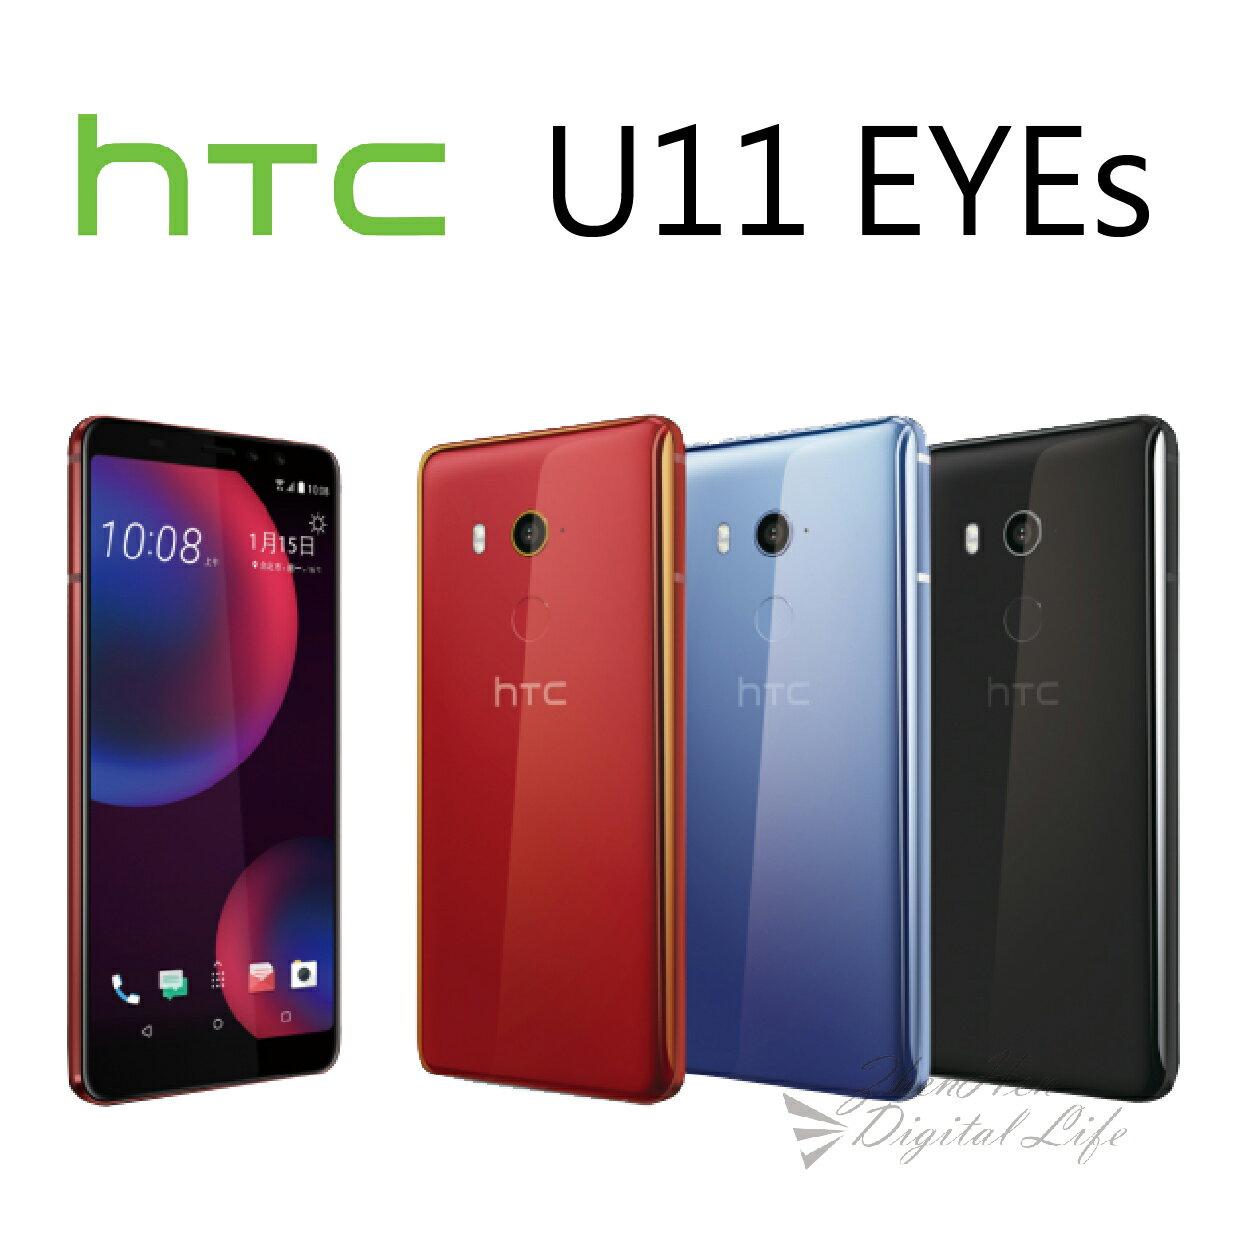 [滿3000得10%點數]HTC U11 EYEs 6吋 4G/64G -紅/黑/銀《贈9H鋼化玻保》